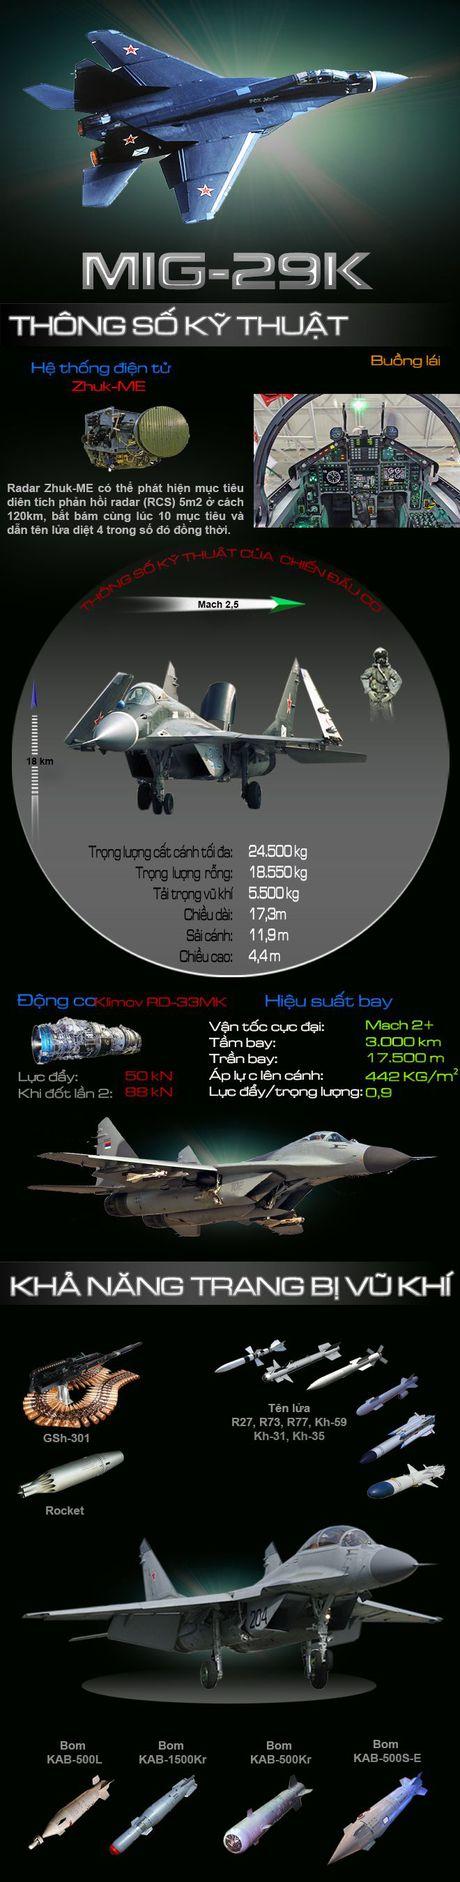 Suc manh tiem kich ham MiG-29K cua Nga vua bi roi - Anh 3